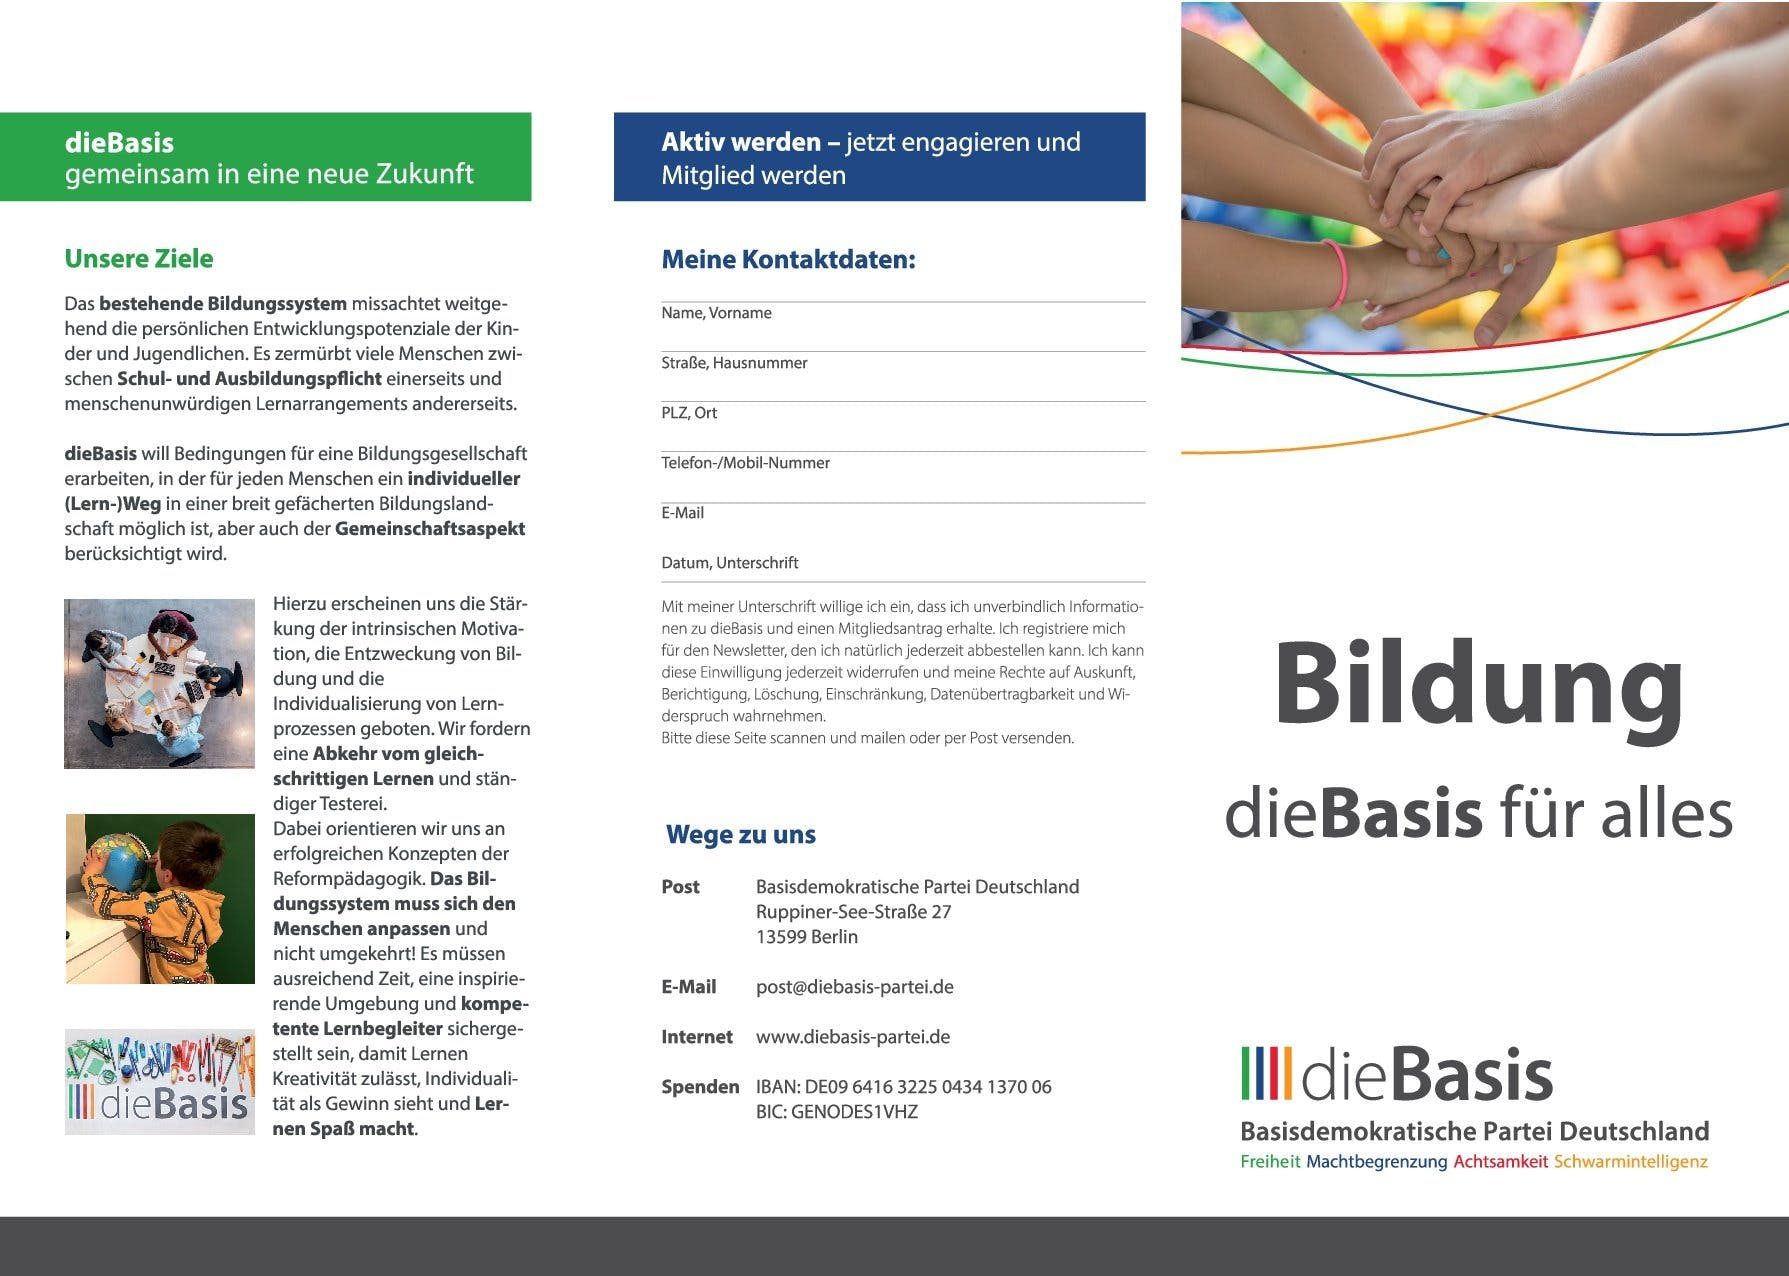 Flyer: Die Basis - Bildung, die Basis für alles